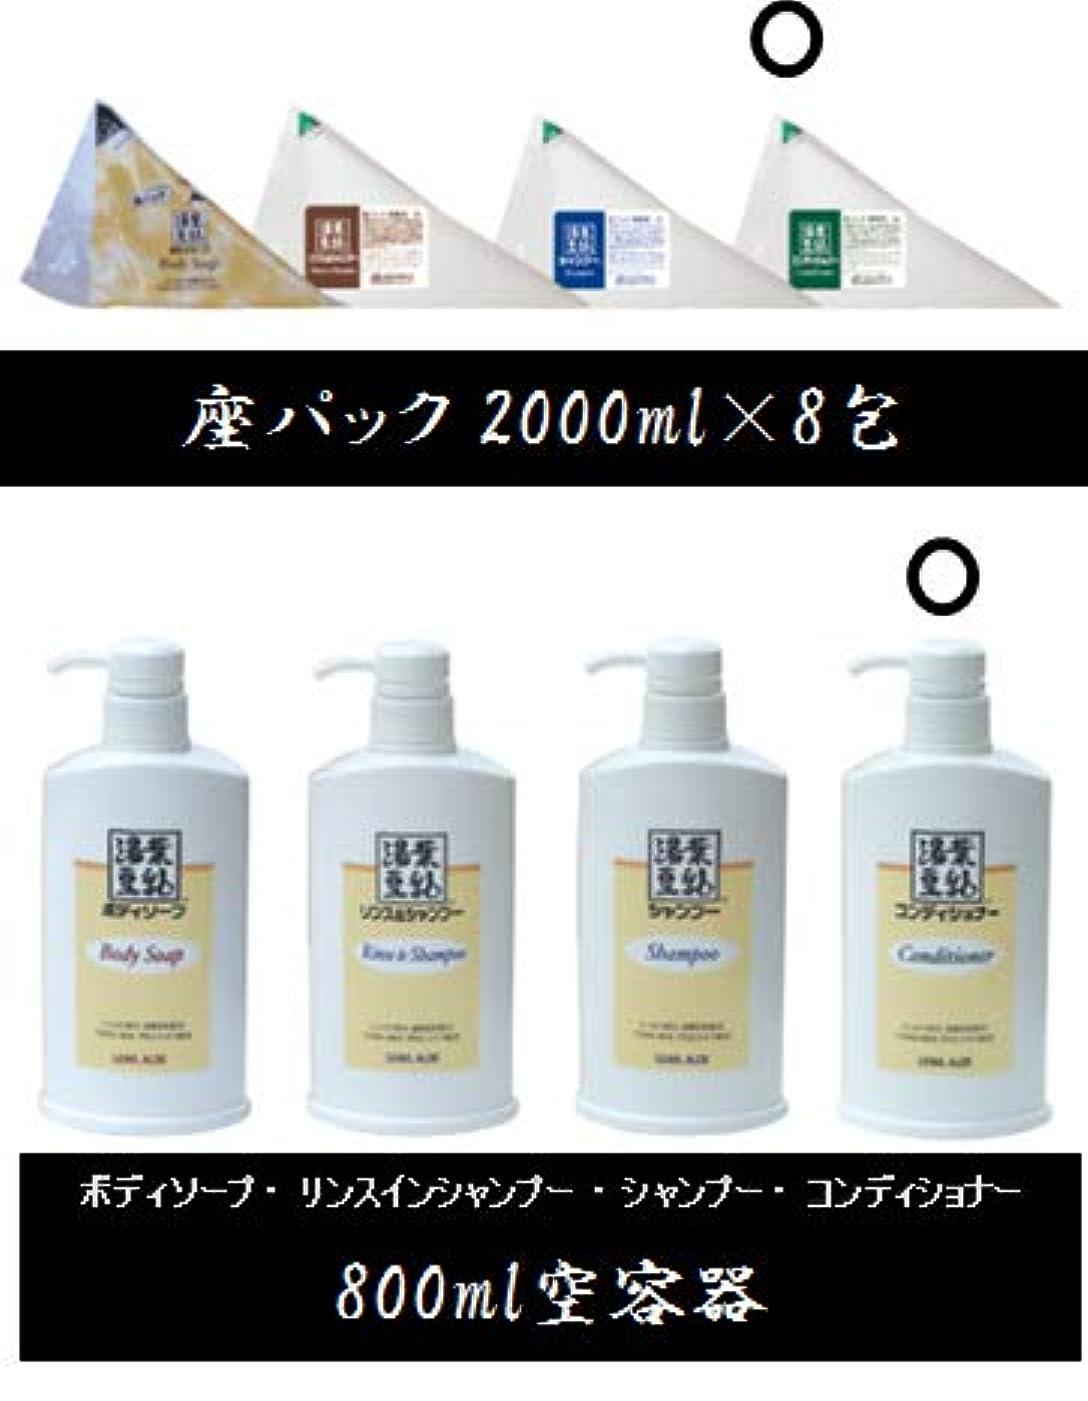 臨検コンソール割り込みフタバ化学 湯葉豆乳コンディショナー 16L詰め替え(2Lパック×8包) 800ml空容器付